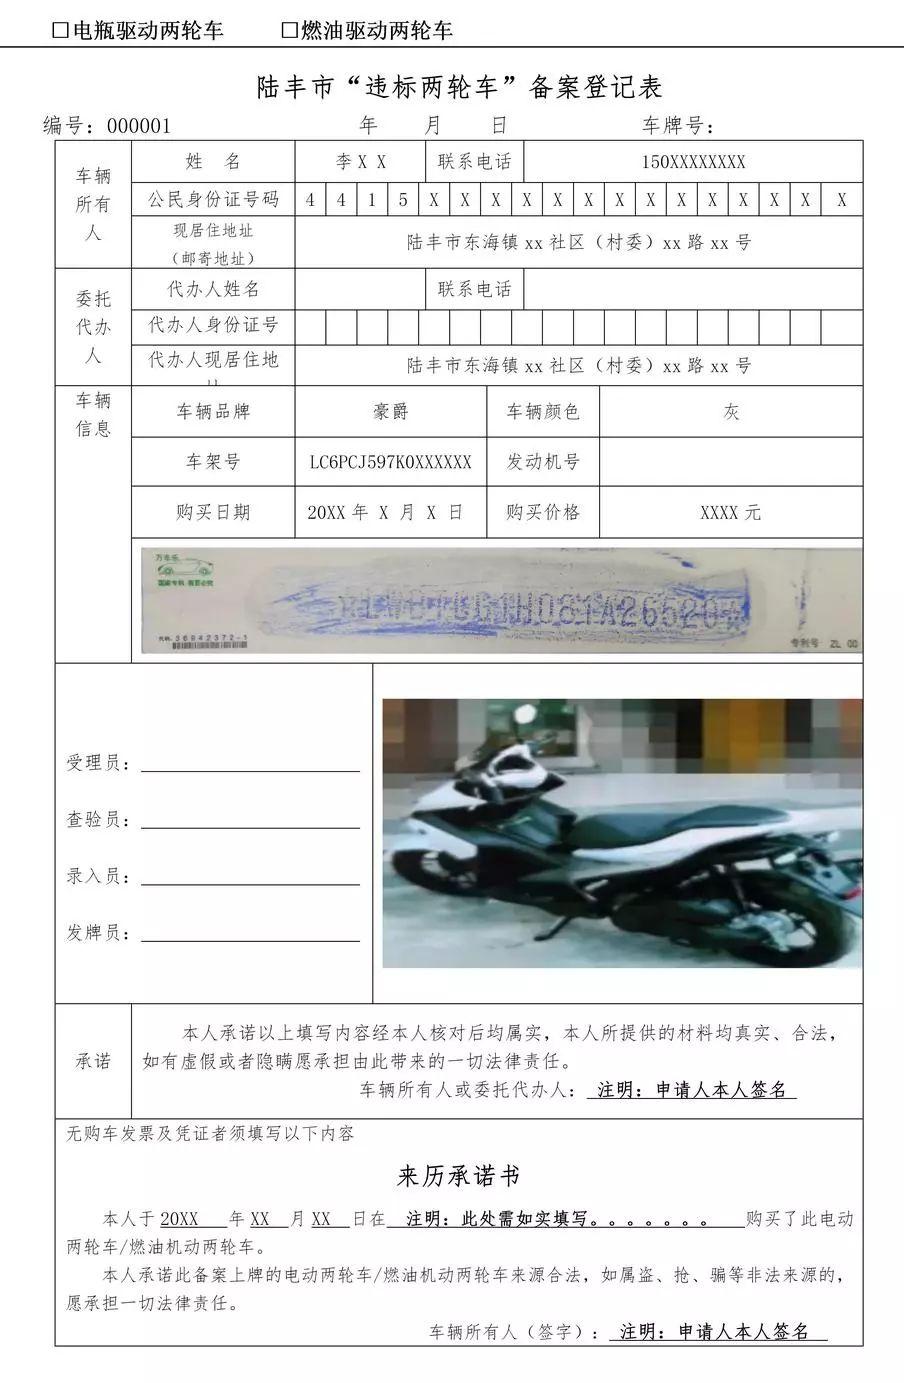 陆丰摩托车、电动车备案登记开始 12月31日截止 陆丰 第5张